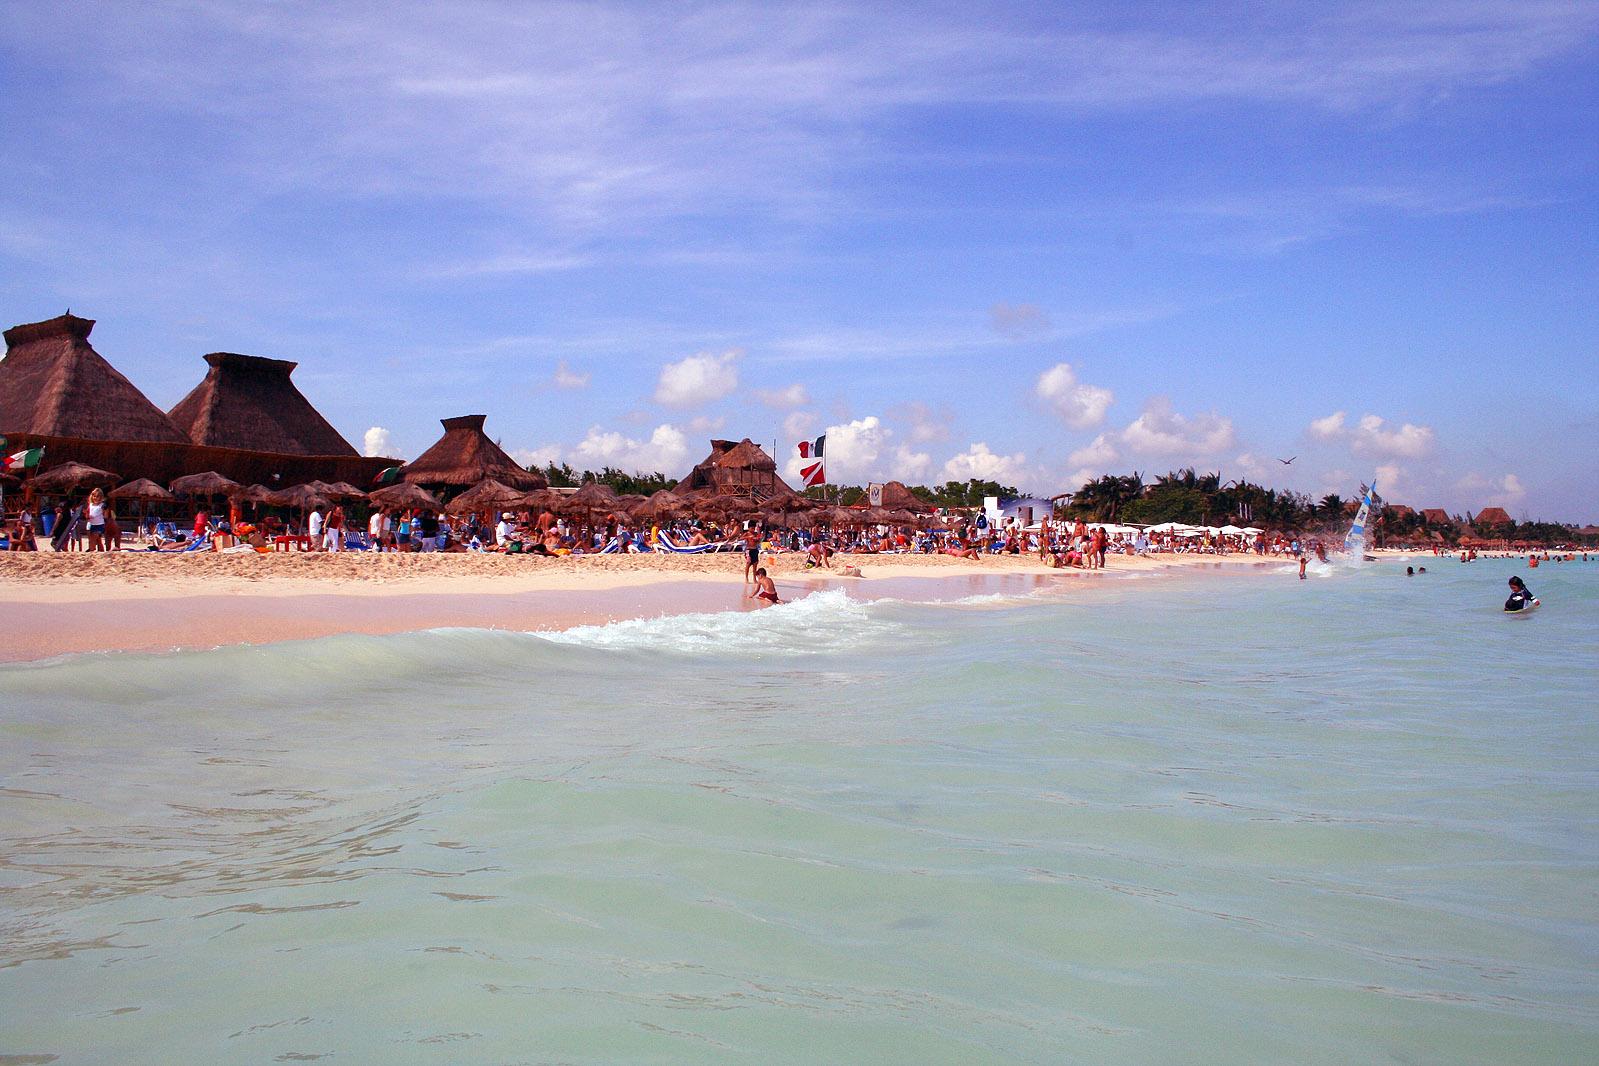 Tropical beach, Beach, Blue, Bright, Holiday, HQ Photo